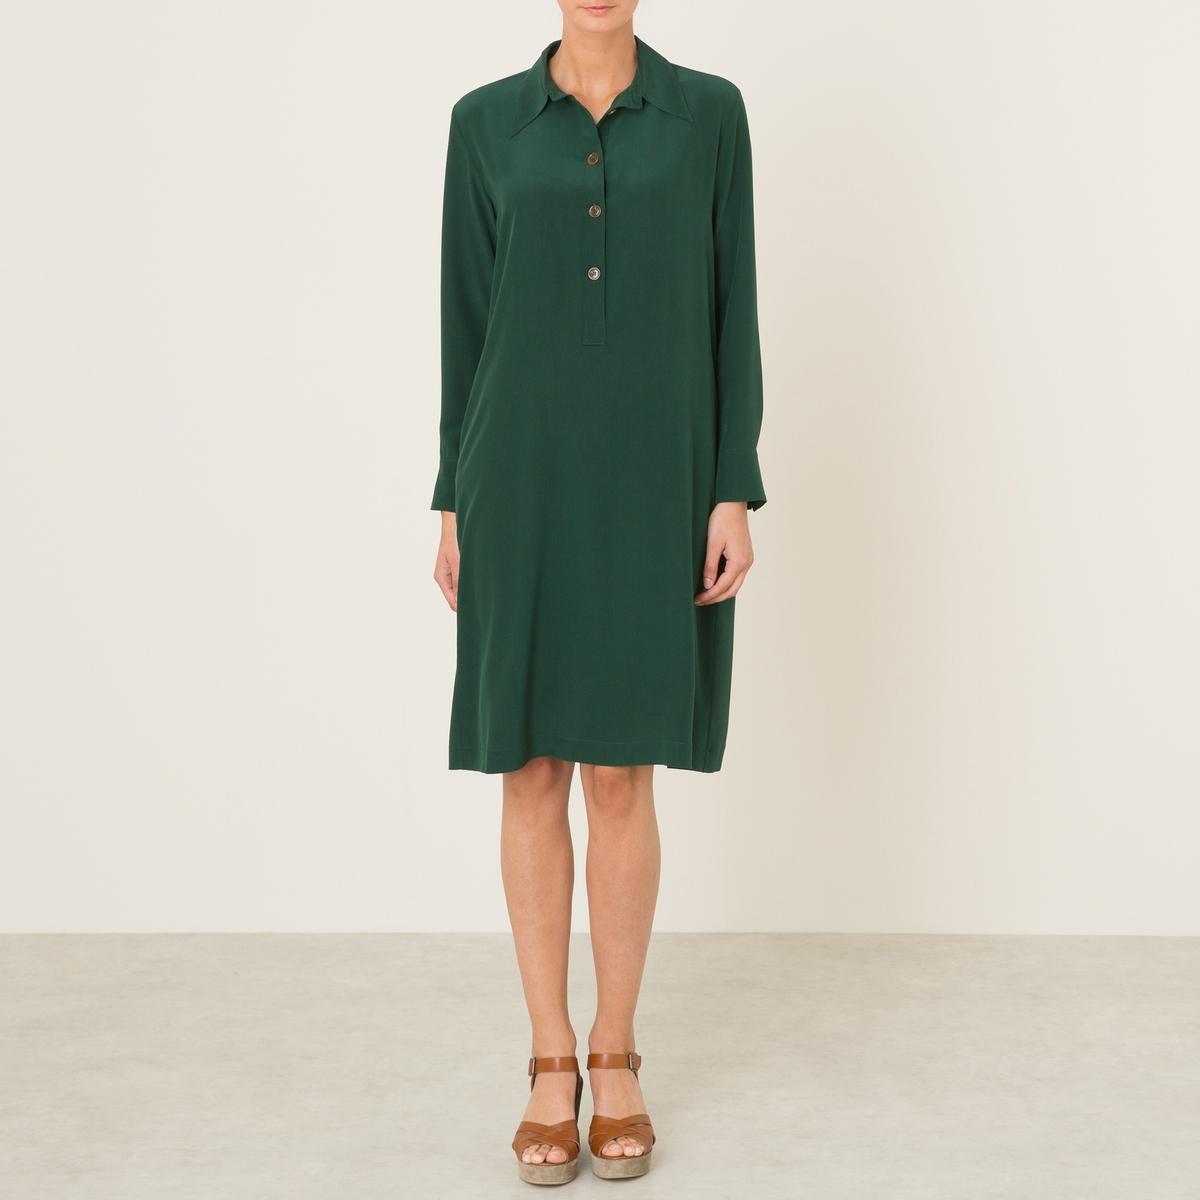 Платье DEMETRAПлатье MOMONI - модель DEMETRA из струящегося 100% шелка. Рубашечный воротник со свободными кончиками. Длинные рукава с пуговицами внизу. Застежка на пуговицы спереди. 2 прорезных кармана.Состав и описание :Материал : 100% шелкМарка : MOMONI<br><br>Цвет: зеленый<br>Размер: XS